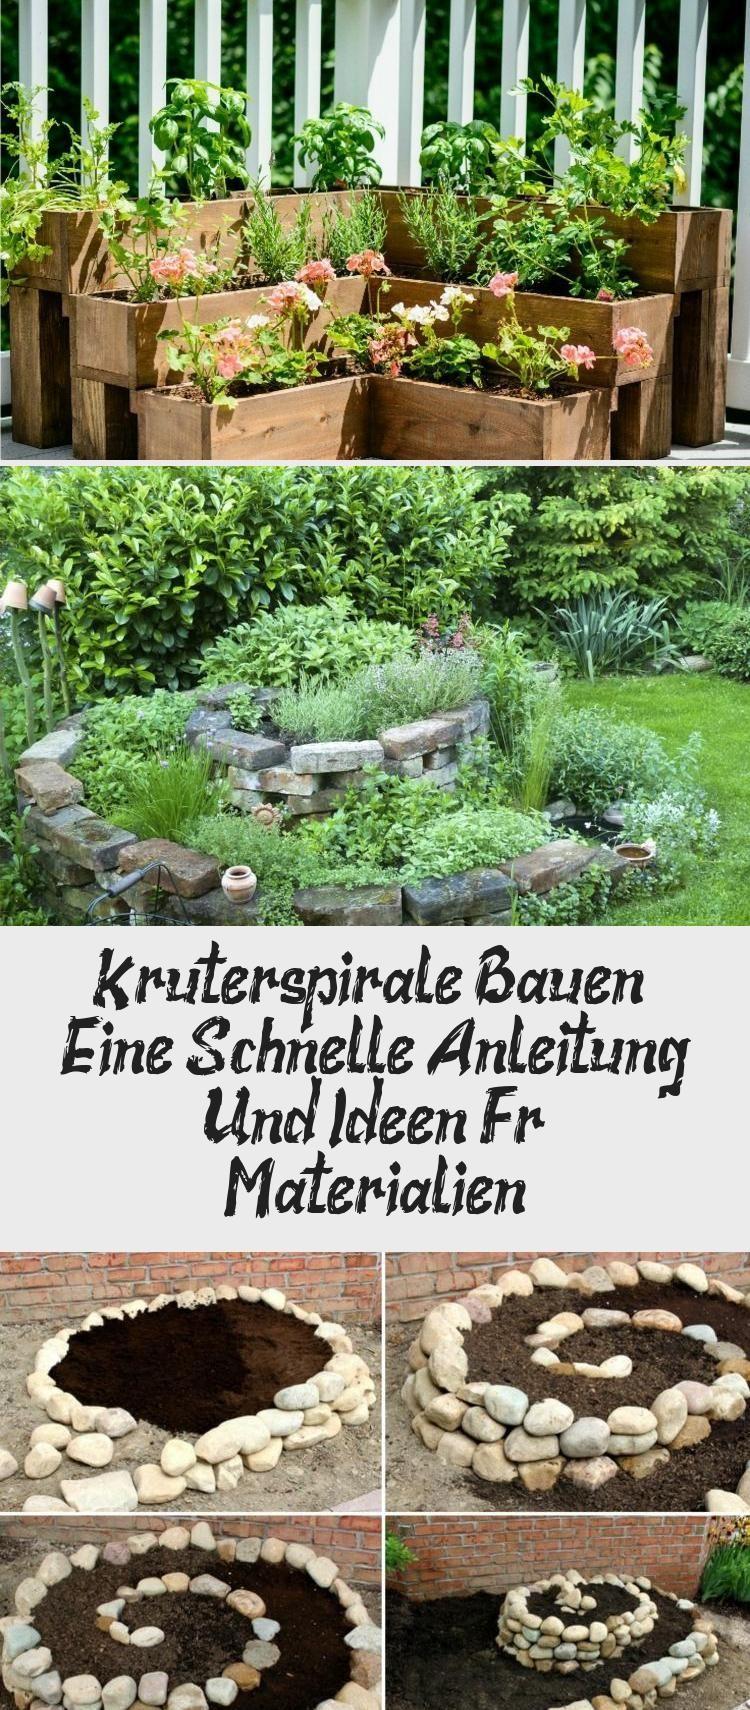 Krauterspirale Bauen Eine Schnelle Anleitung Und Ideen Fur Materialien In 2020 Krauterpflanzen Naturgarten Garten